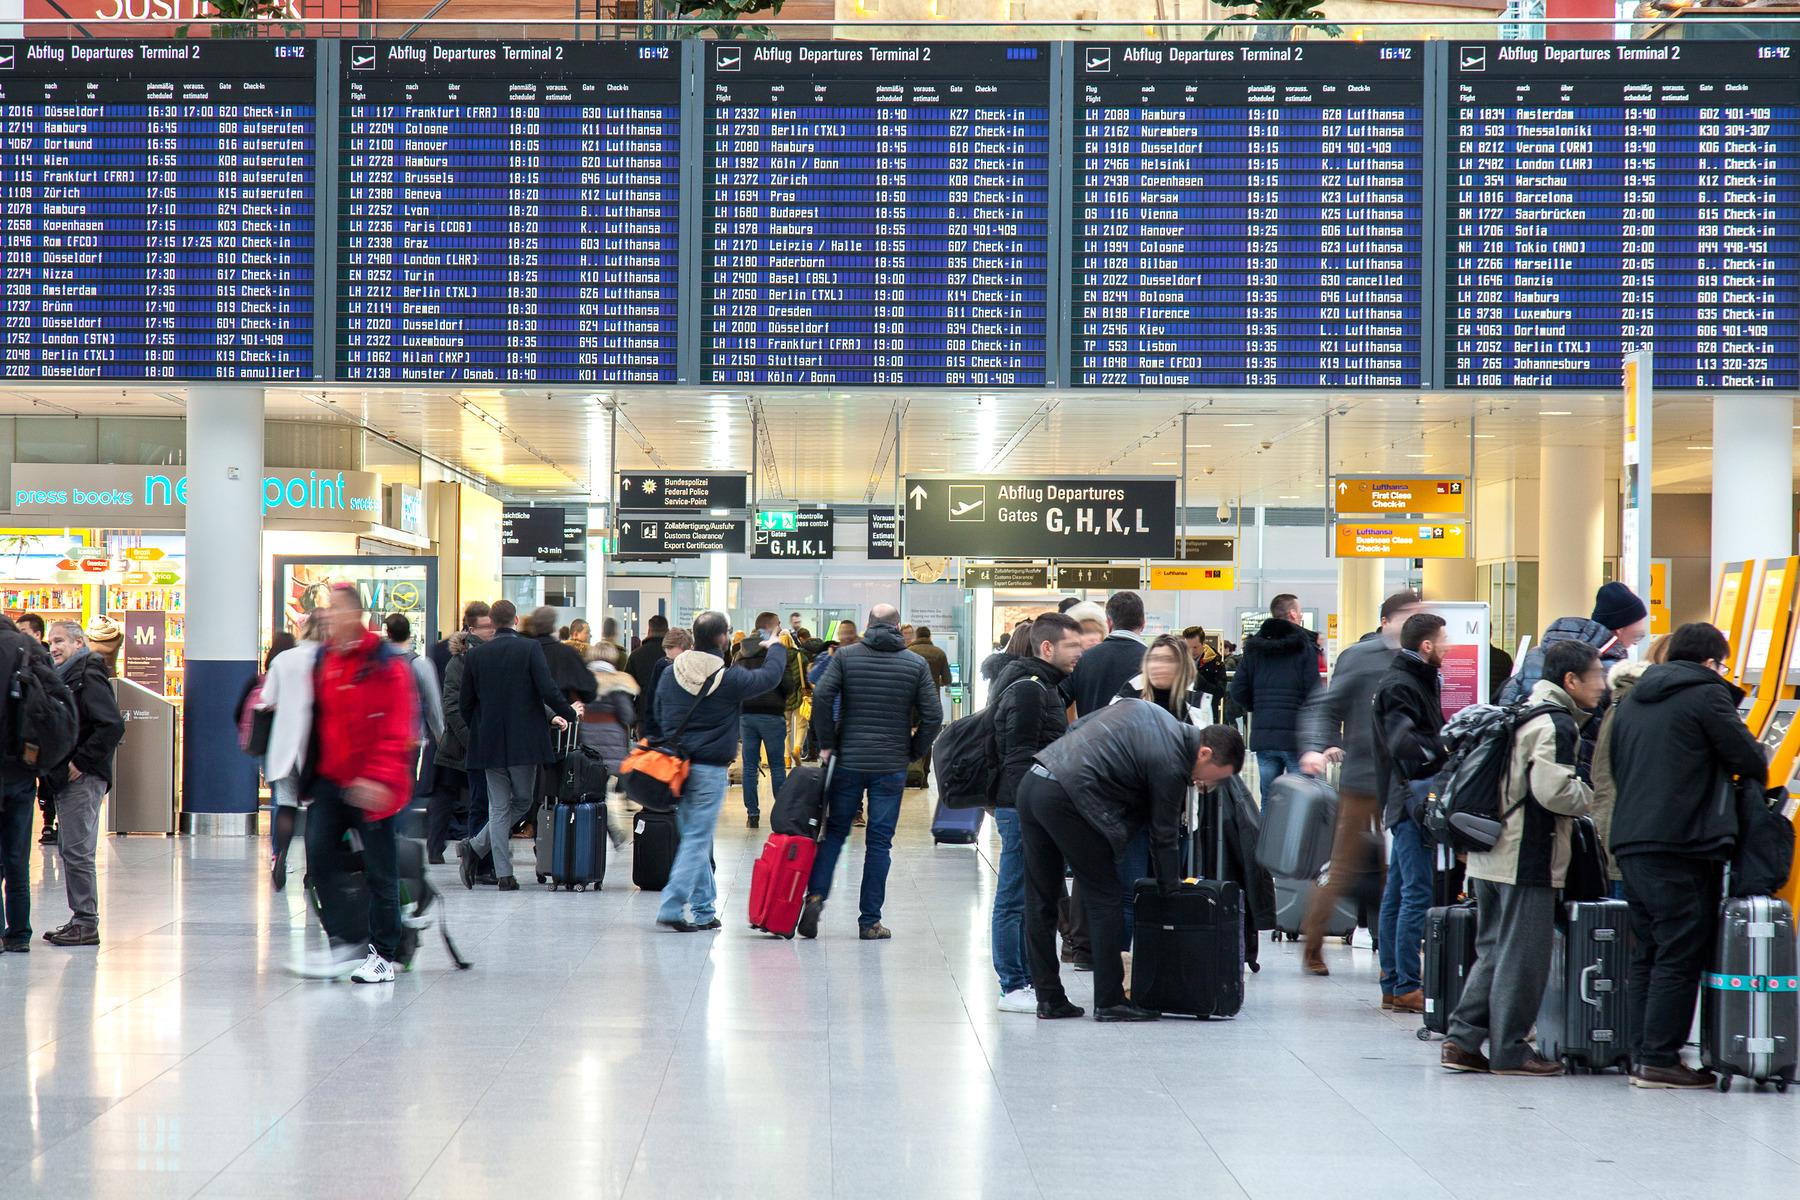 Det store sønderjyske erhvervsrejsebureau Top Rejser sender årligt omkring 15.000 gæster afsted på alt fra erhvervs- til grupperejser. Pressefoto fra München Lufthavn.